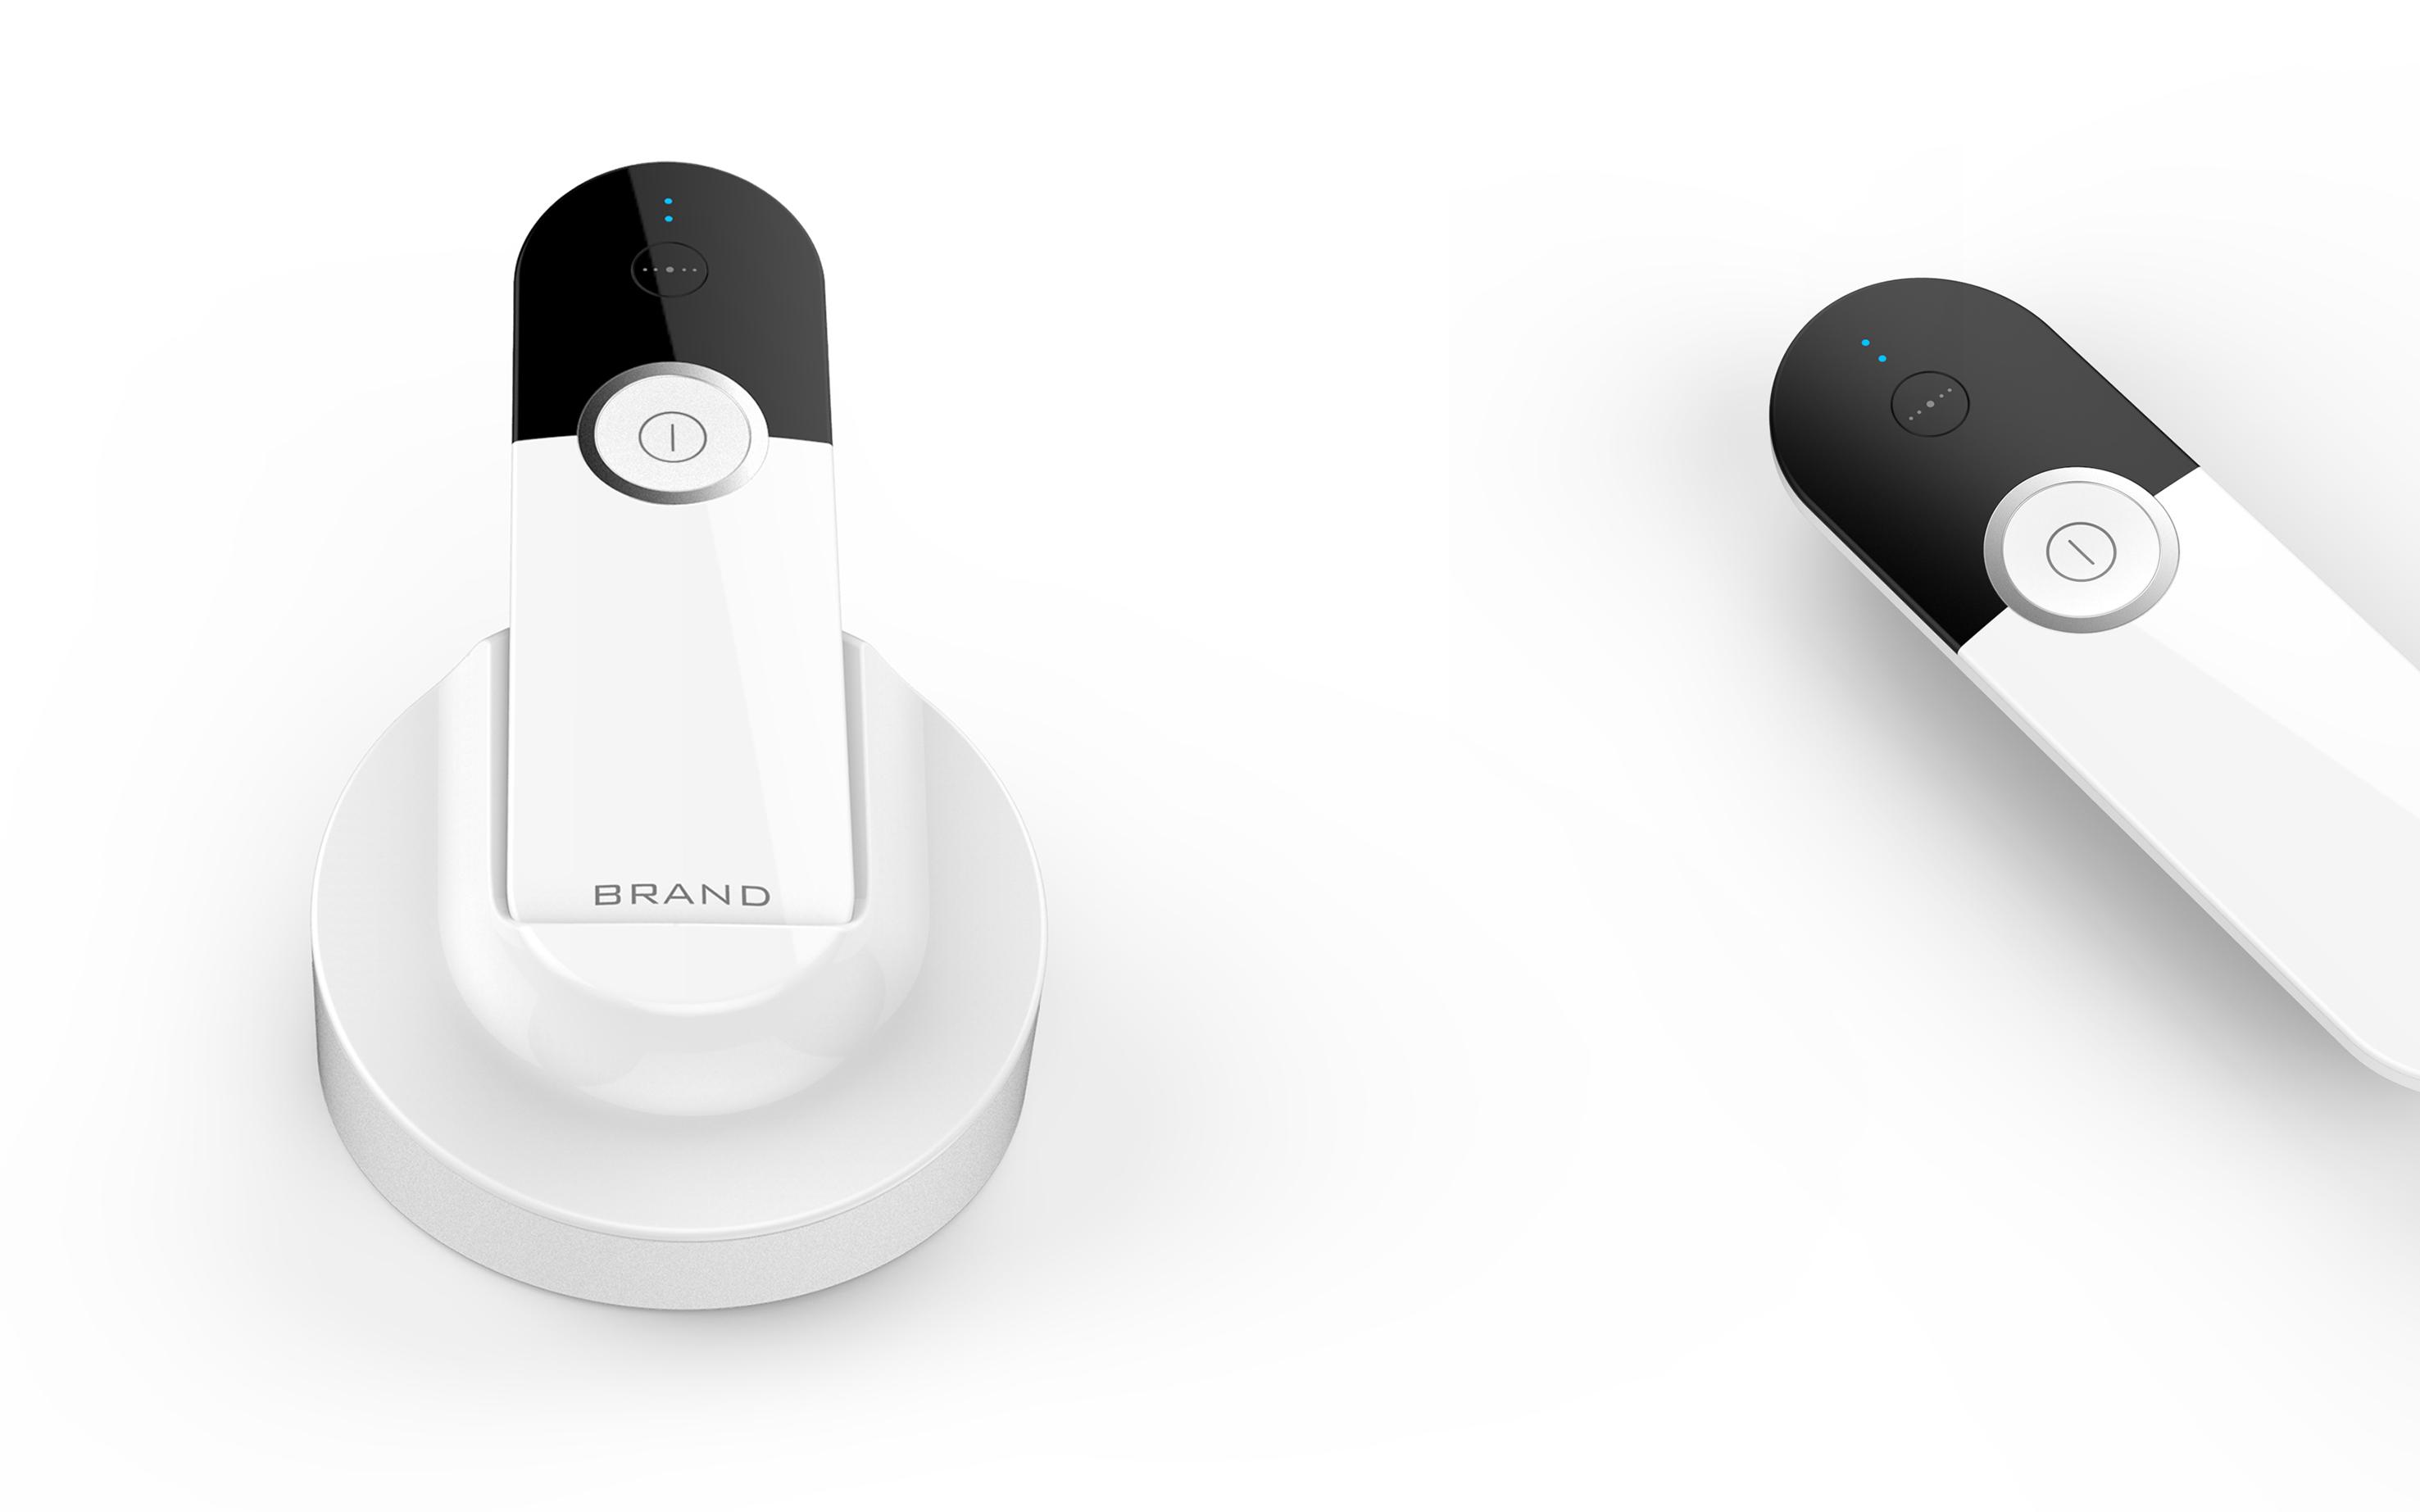 【消费电子】数码3C-智能家居工-业设计—产品设计—产品外观